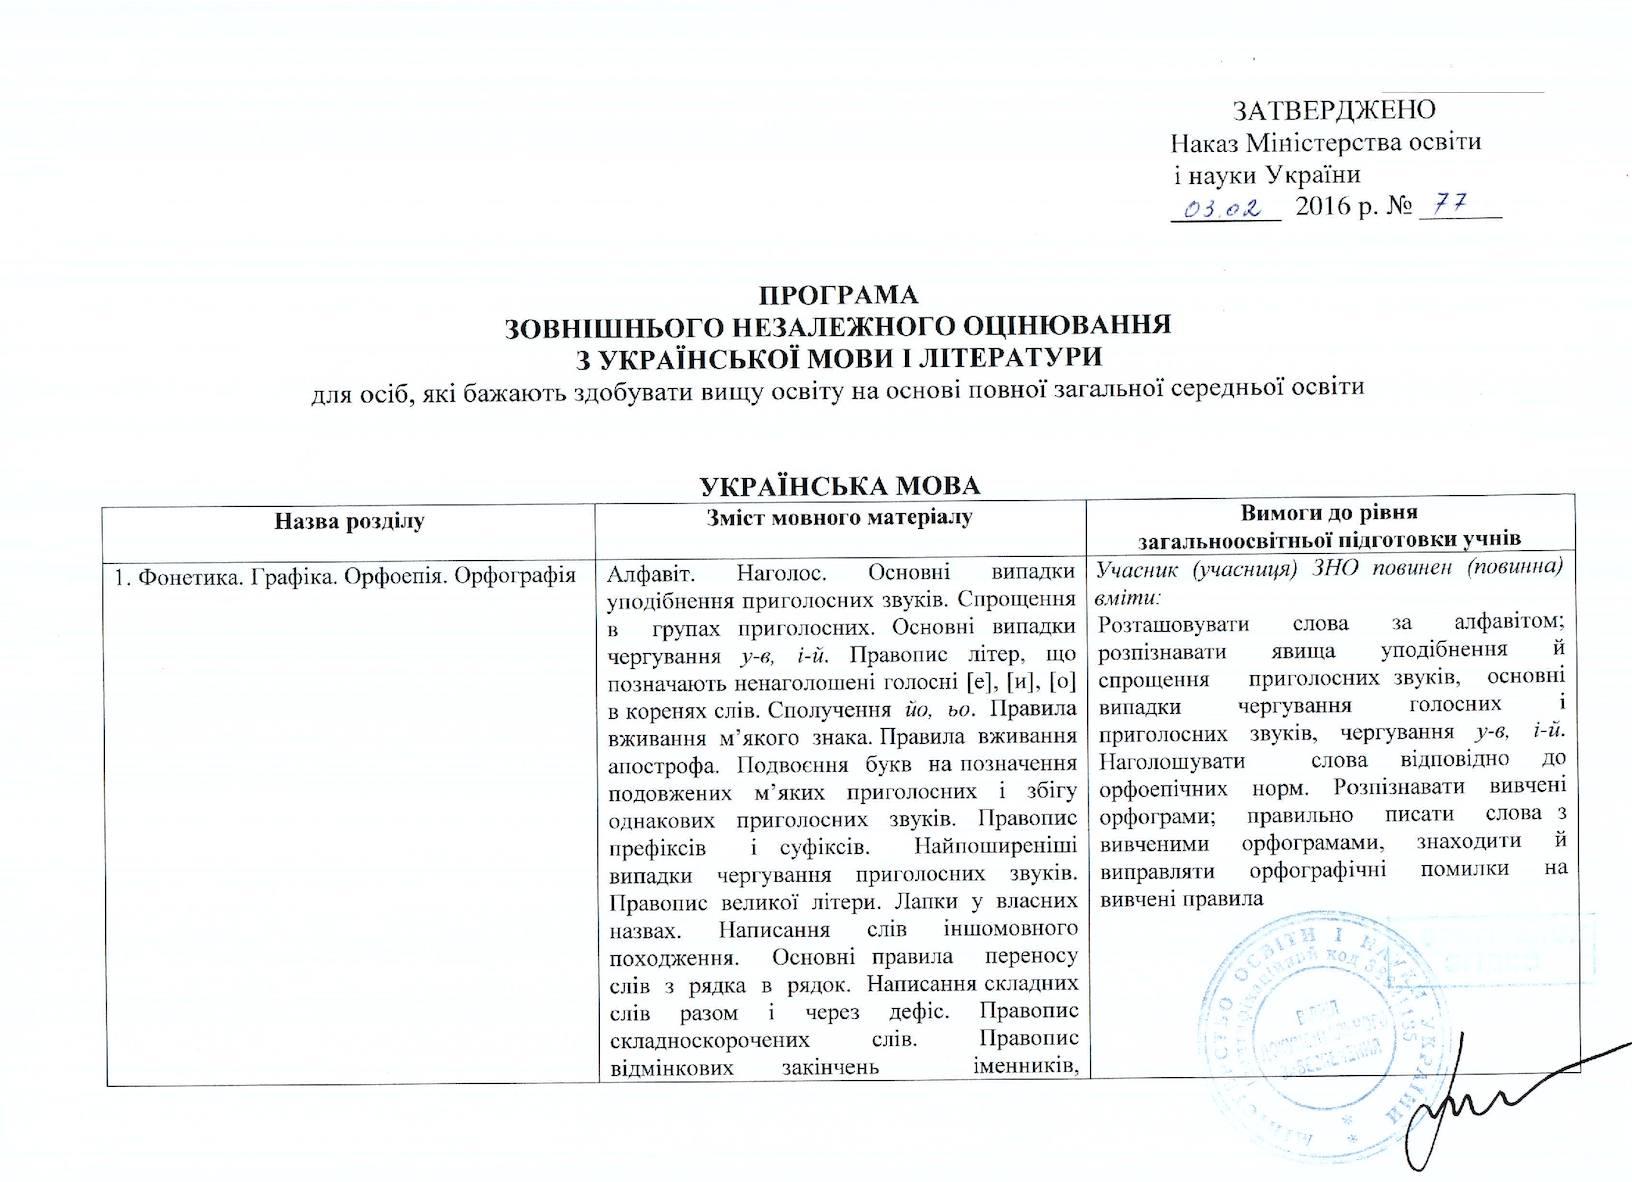 Програма ЗНО-2017 з української мови та літератури - CALAMEO Downloader 3cff2be44444b